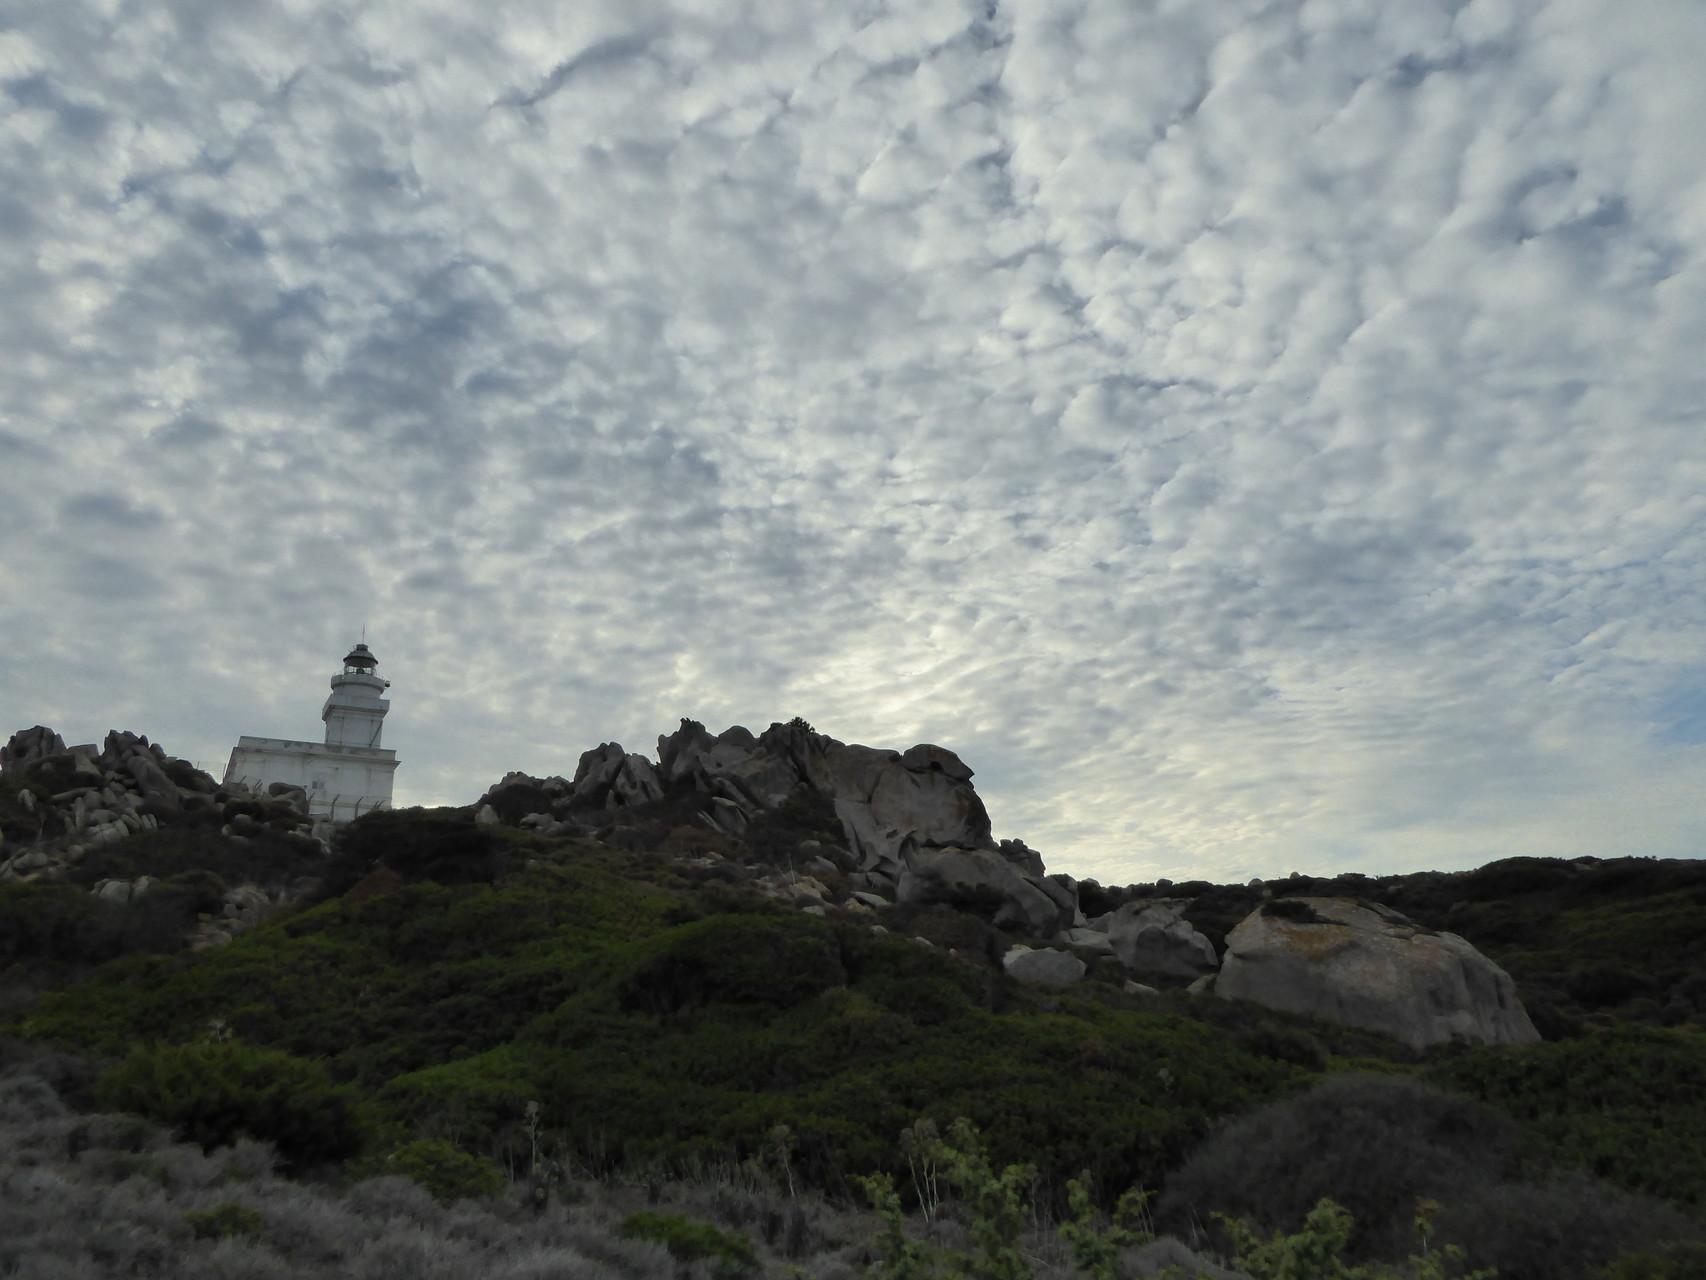 Wolkenformationen sorgen für reichlich Dramatik am Capo Testa. Und so'n bisschen Drama hat ja noch keiner Beziehung geschadet ;-).